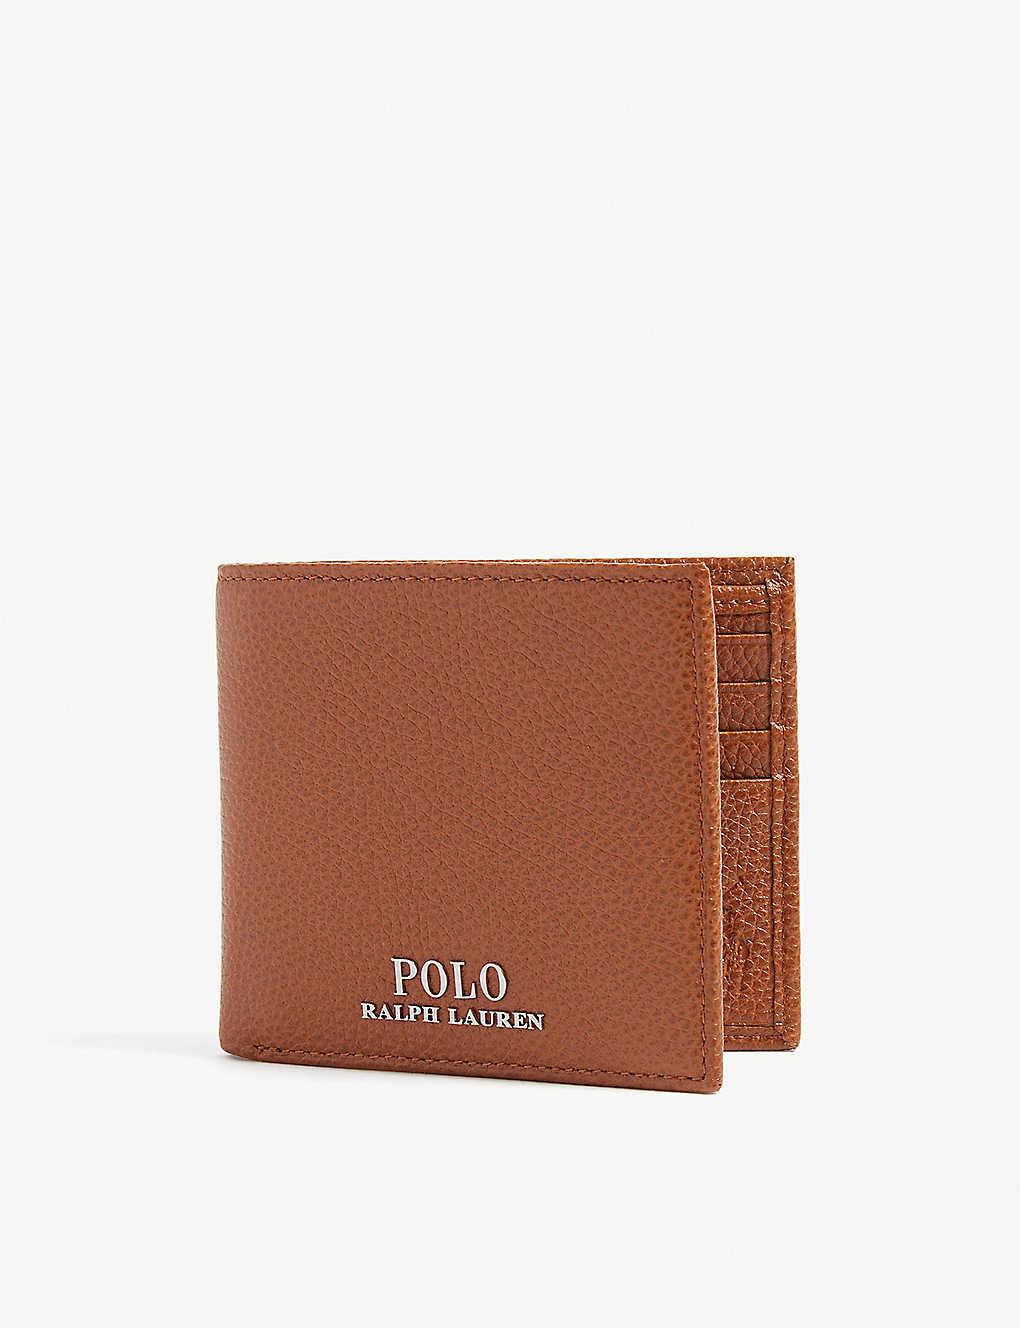 53abbbe75436 POLO RALPH LAUREN - Logo grained leather billfold wallet ...